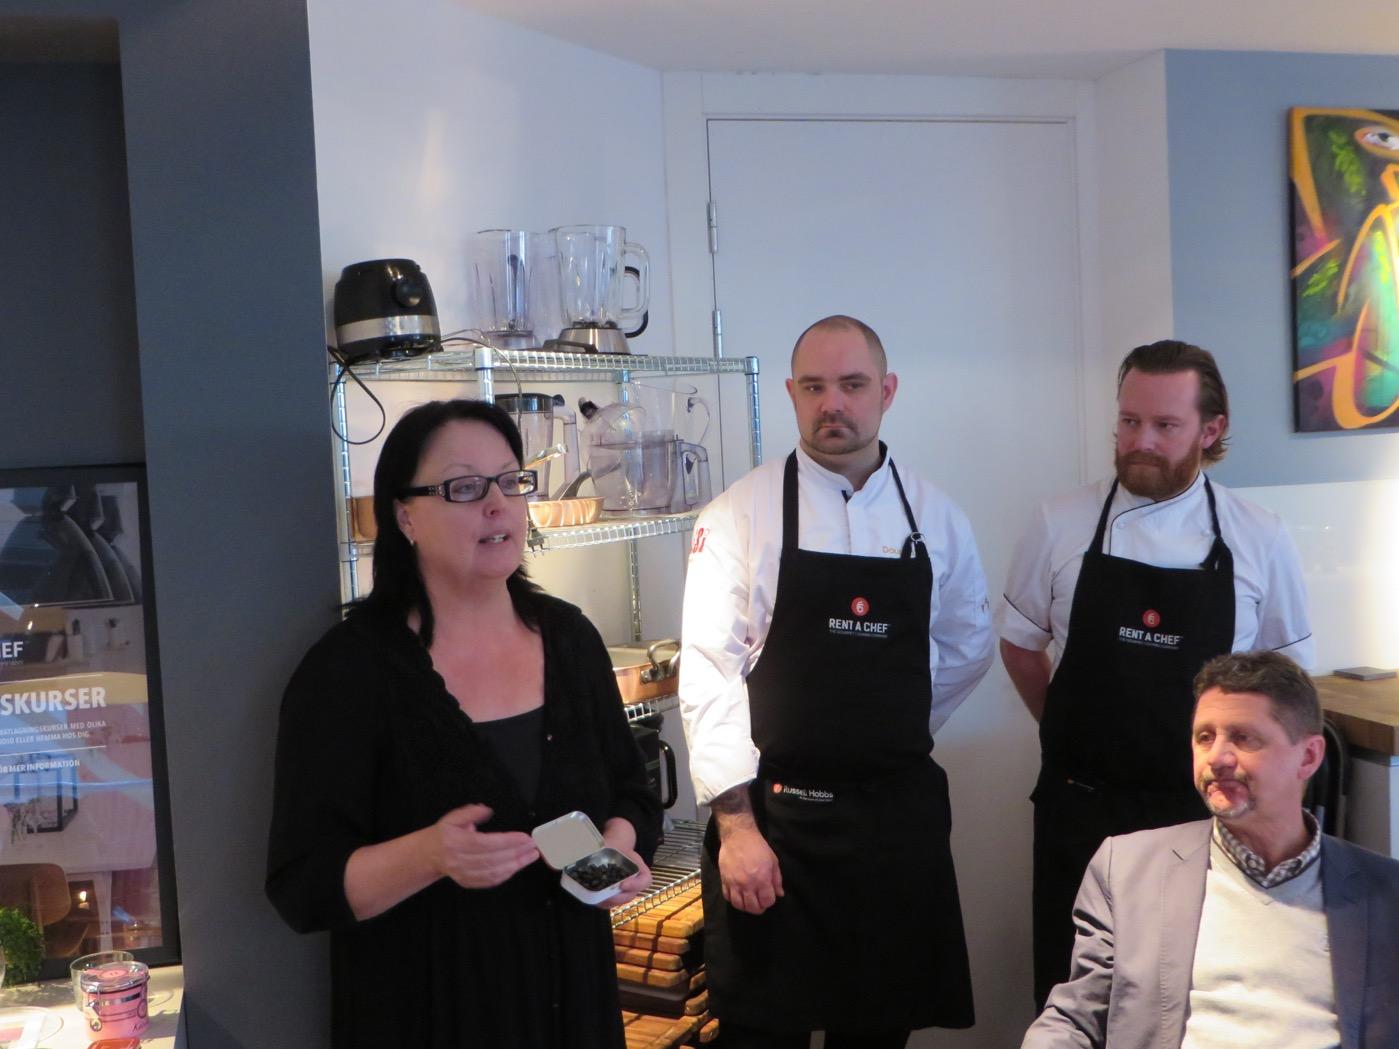 Tuija Räsänen, ägare av Choklad & Lakrits Sverige, arrangör för Lakritsfestivalen och kockar från Rent-a-chef